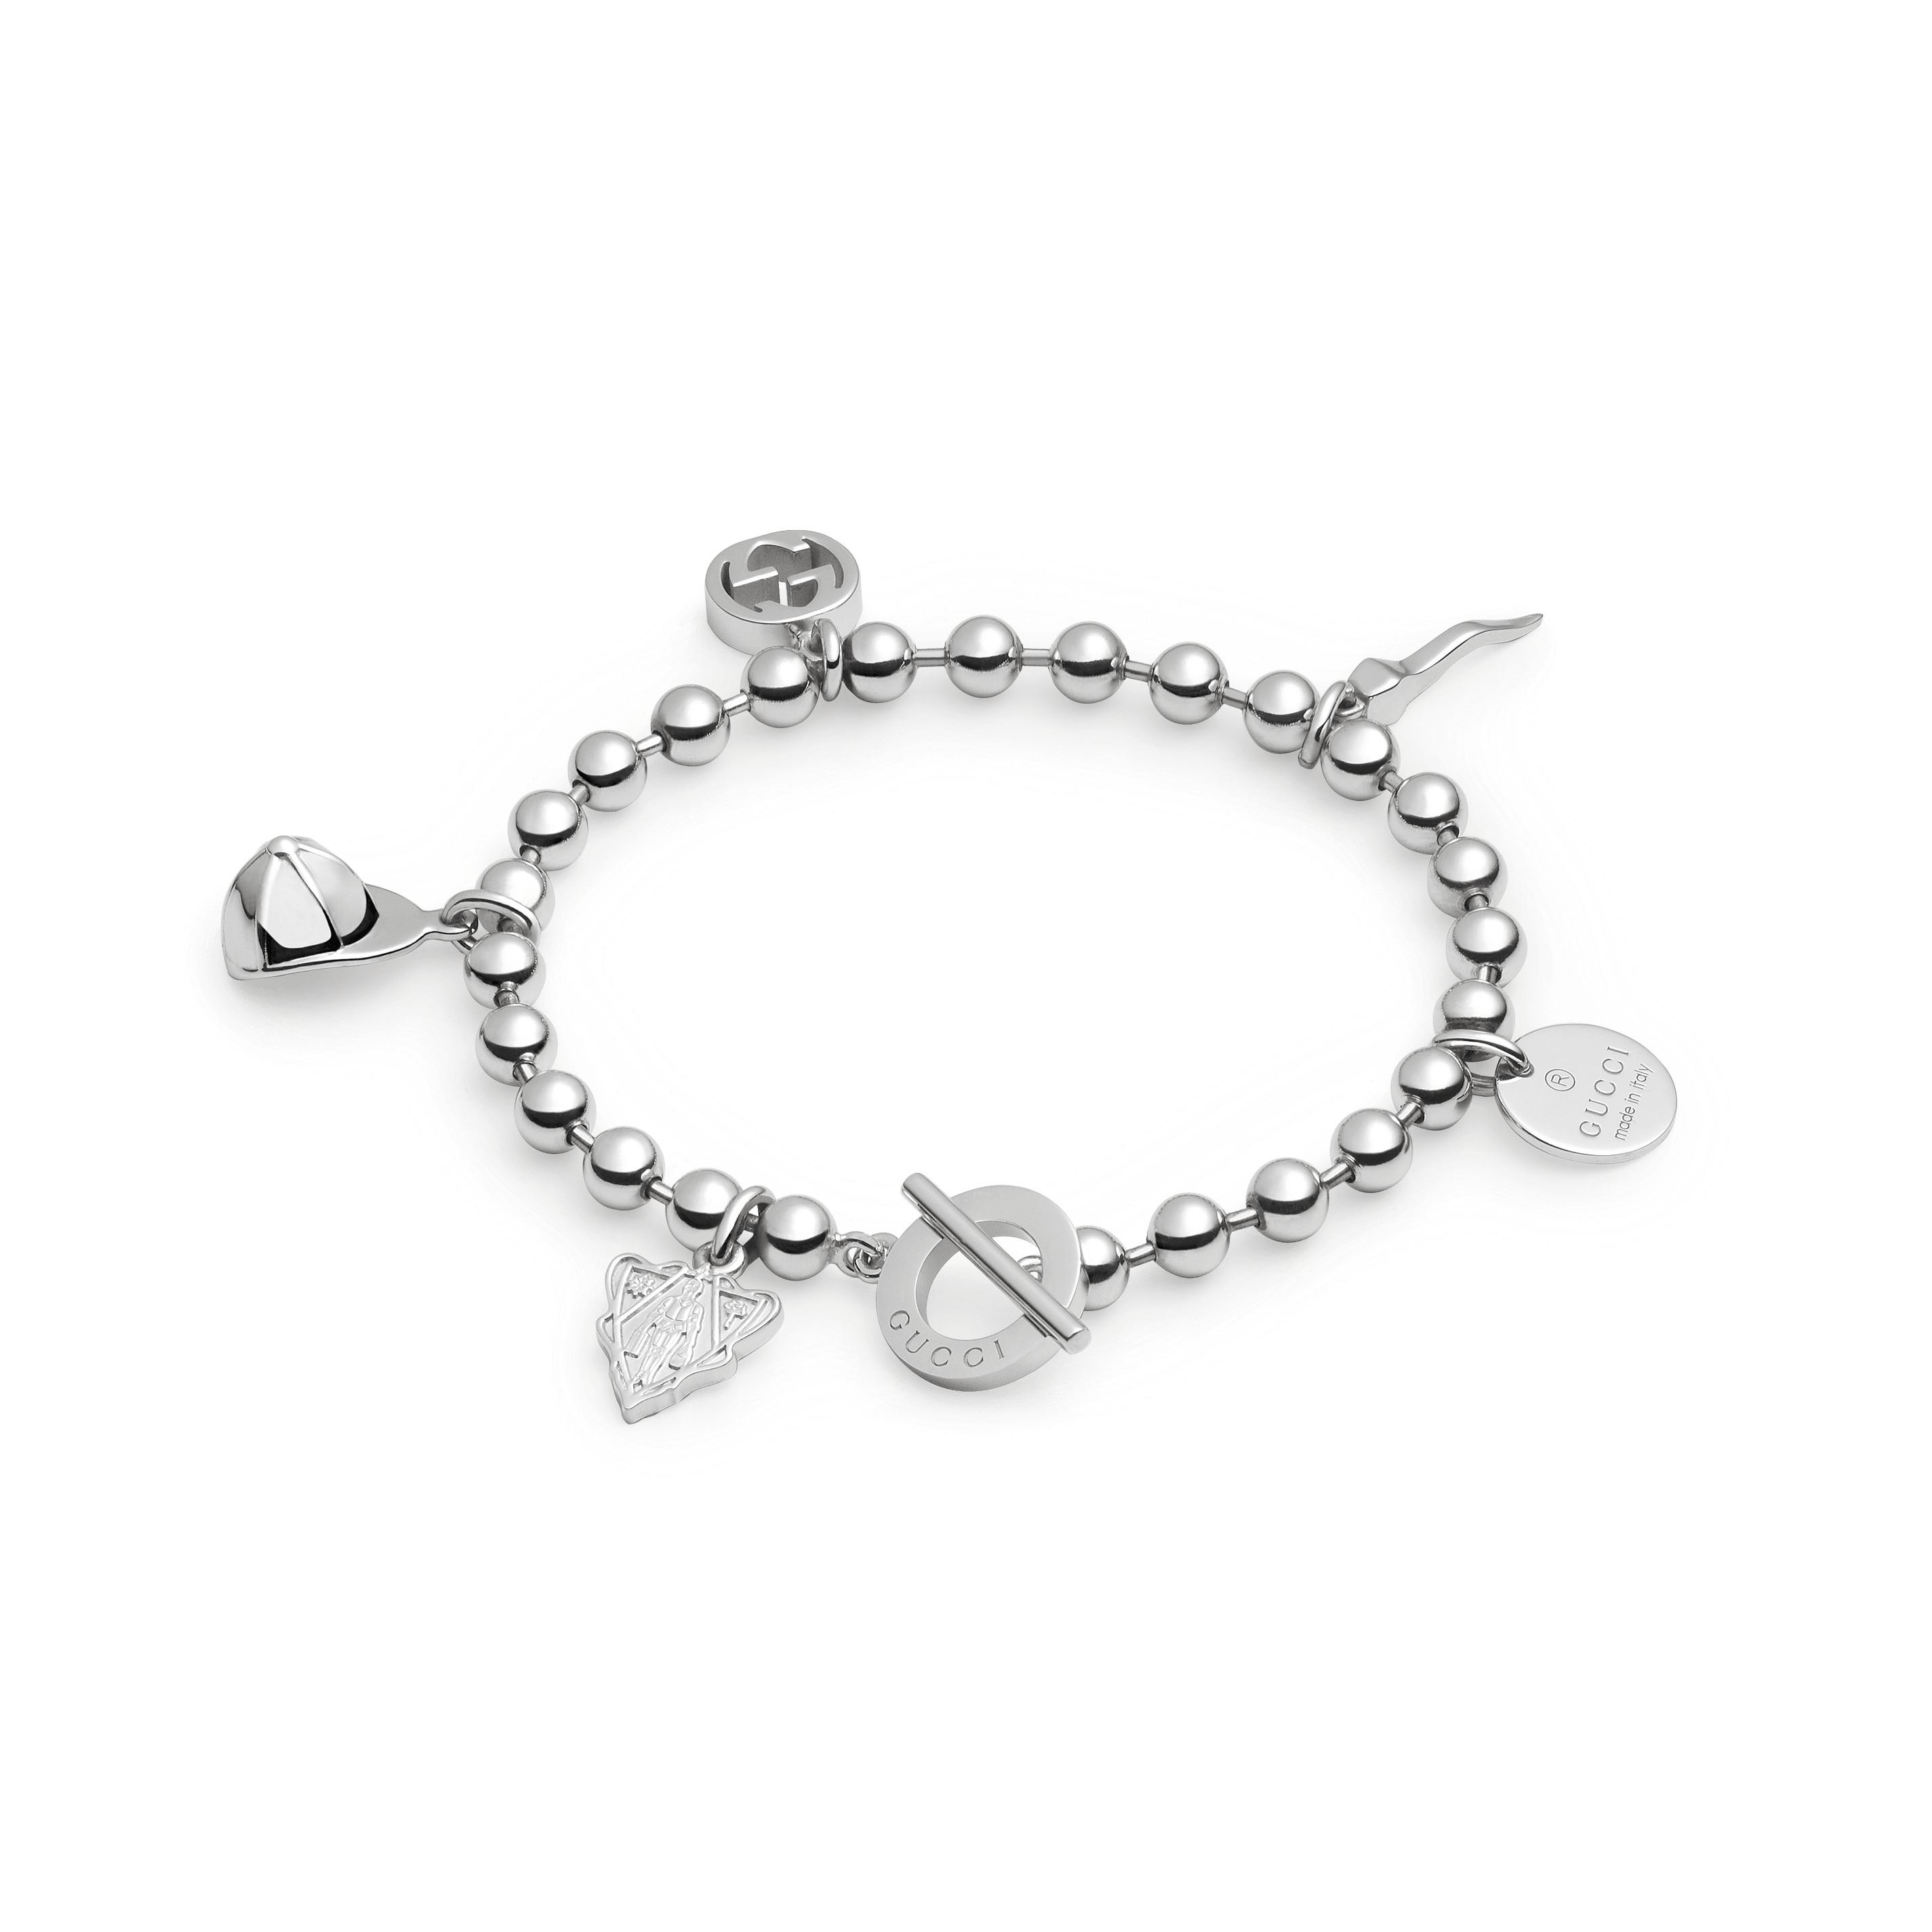 economico per lo sconto 23a6f ccbea Gucci bracciale boule con ciondoli in argento